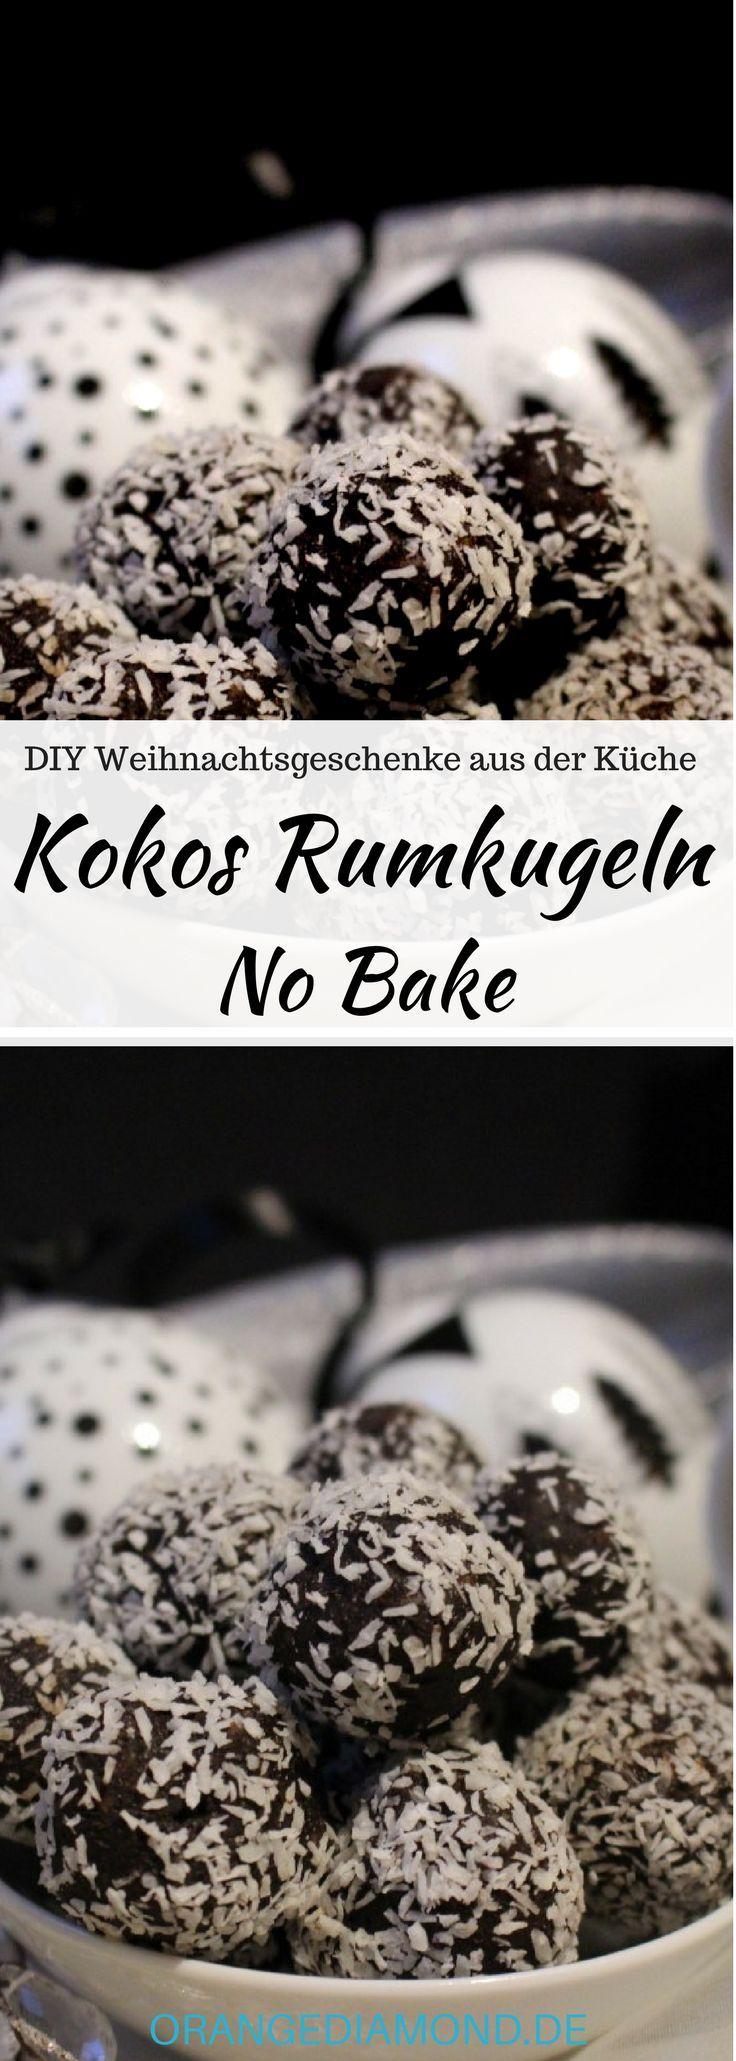 DIY Geschenke aus der Küche zu Weihnachtten: Rumkugeln mit Kokos ohne backen! Die No Bake Rumkugeln sind schnell gemacht und schmecken himmlisch. Das Rezept gelingt immer und ist ein schönes Weihnachtsgeschenk aus der Küche. #diy #weihnachten #küche #rum #rumkugel #kokos #vegan #nobake #eneregyball #nosugar #ohnezucker